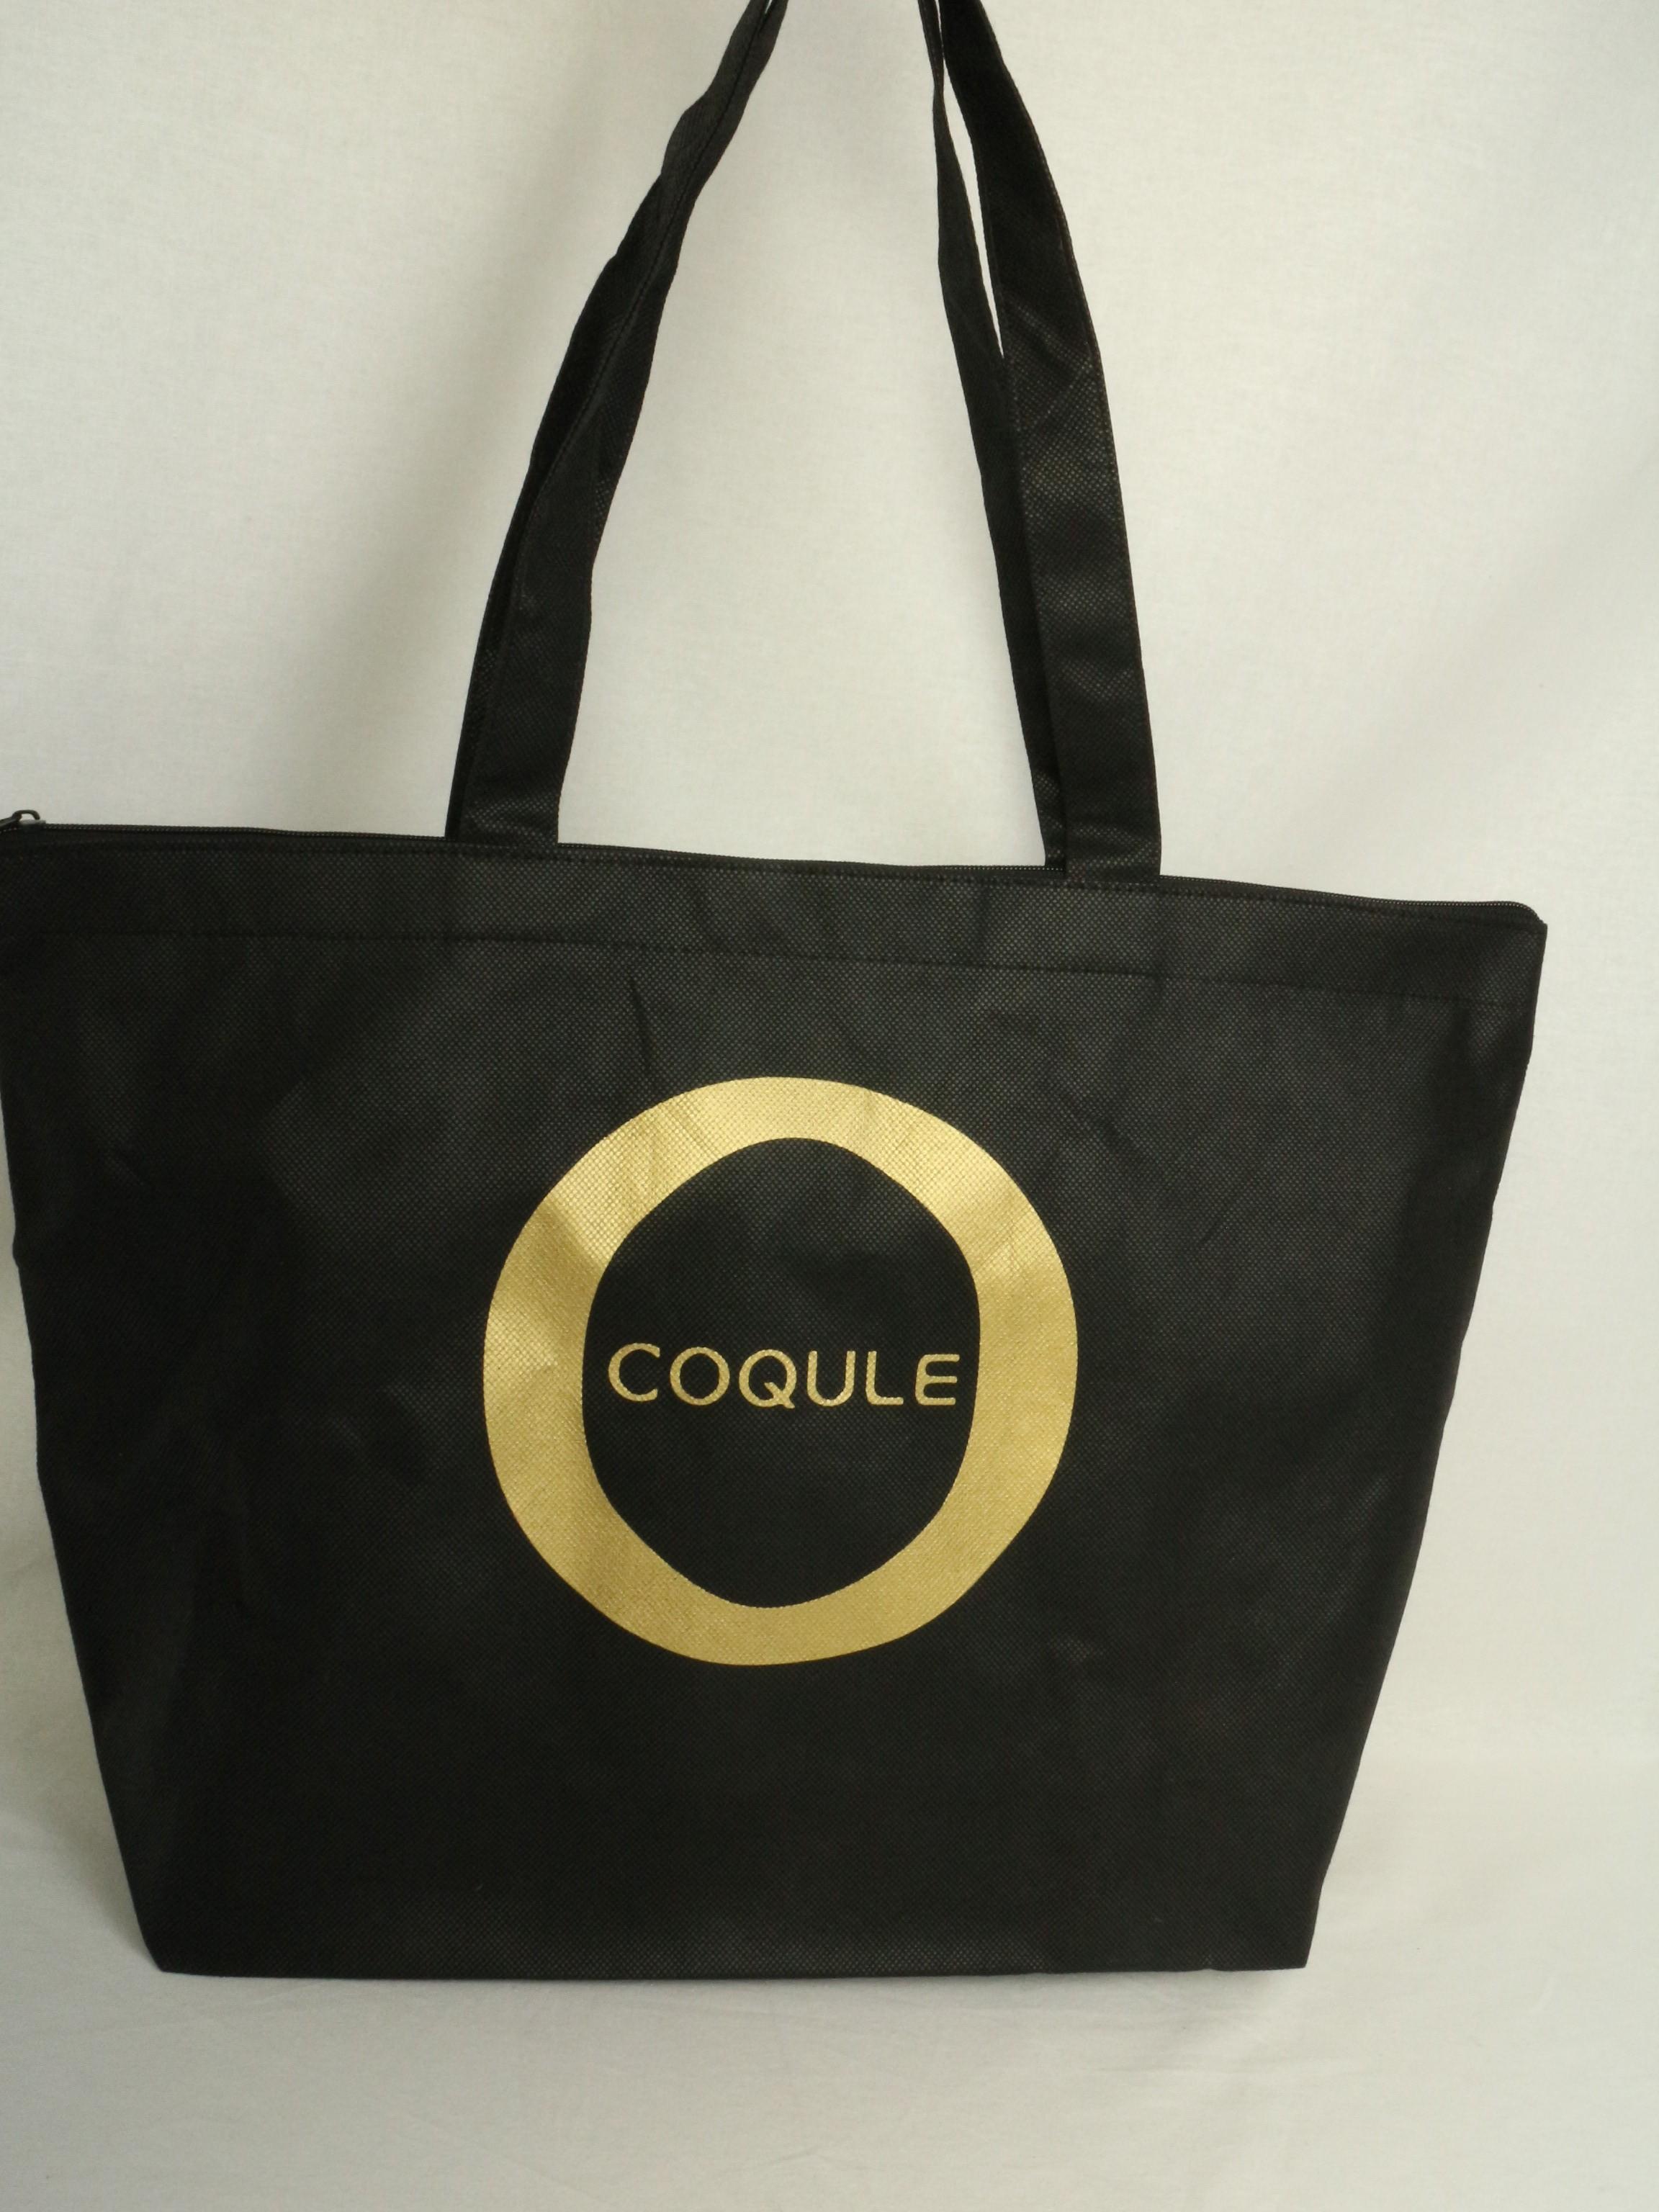 アパレルの福袋でご利用いただく不織布バッグ